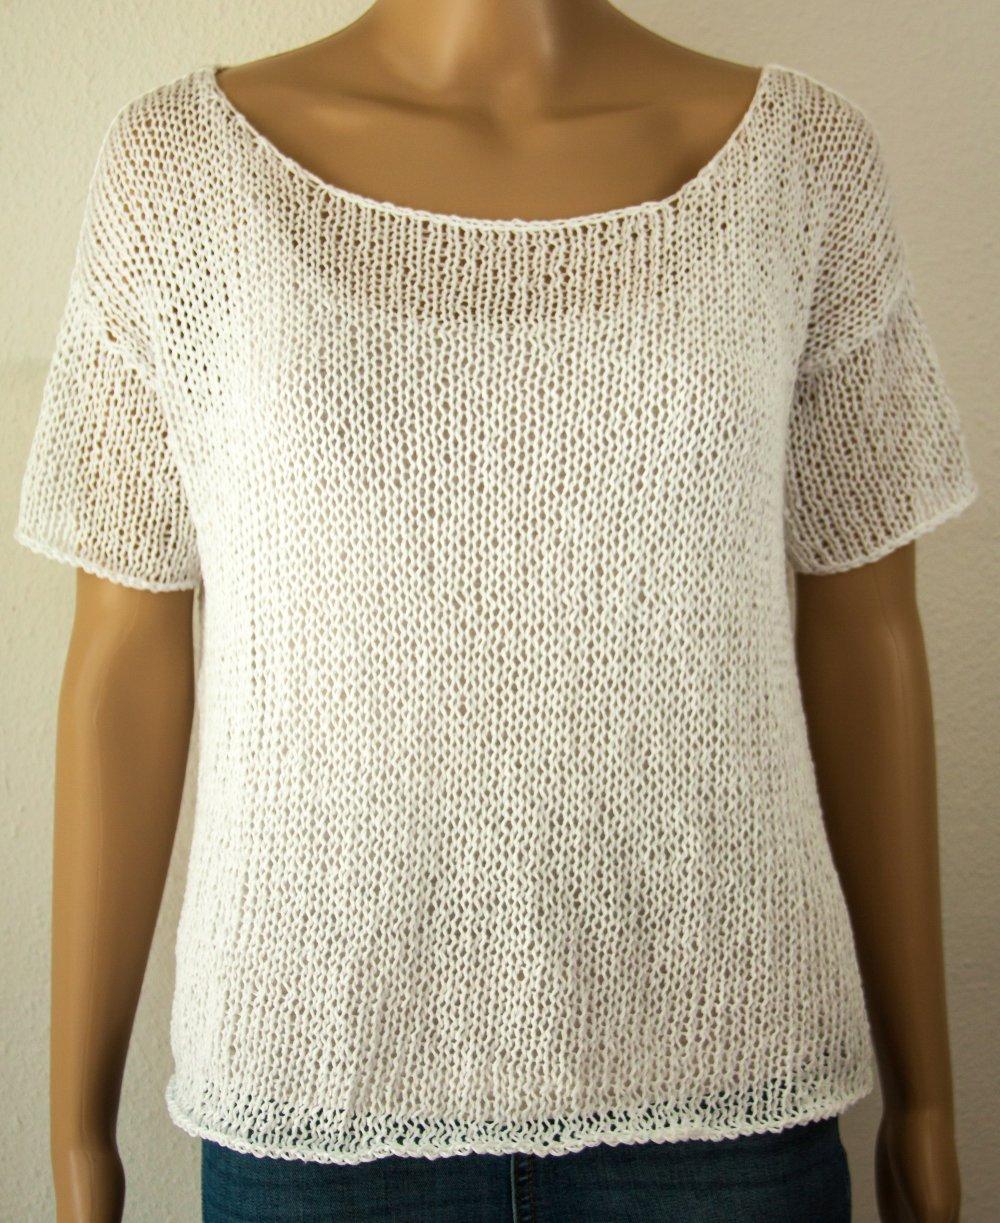 Pull à manches courtes T-shirt Boho Hipster Minimalist Tricot à la main Grosses mailles Léjères Aéré Lin Coton Blanc